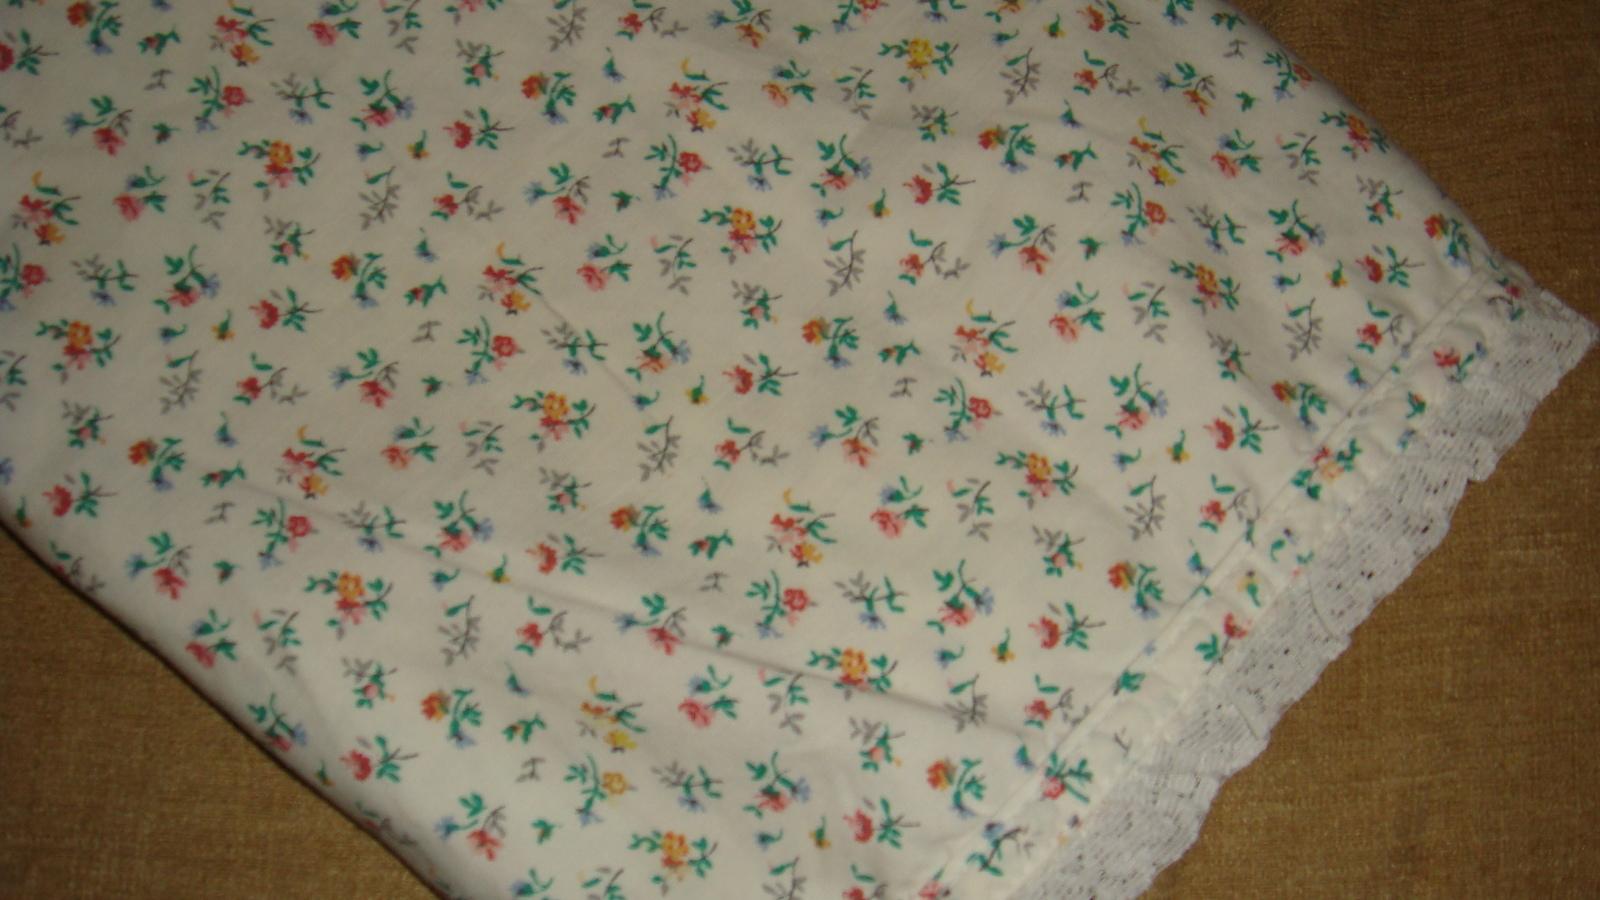 Ralph Lauren Beach Plum Floral 1 Standard Pillowcase Lace Edge Hem EUC